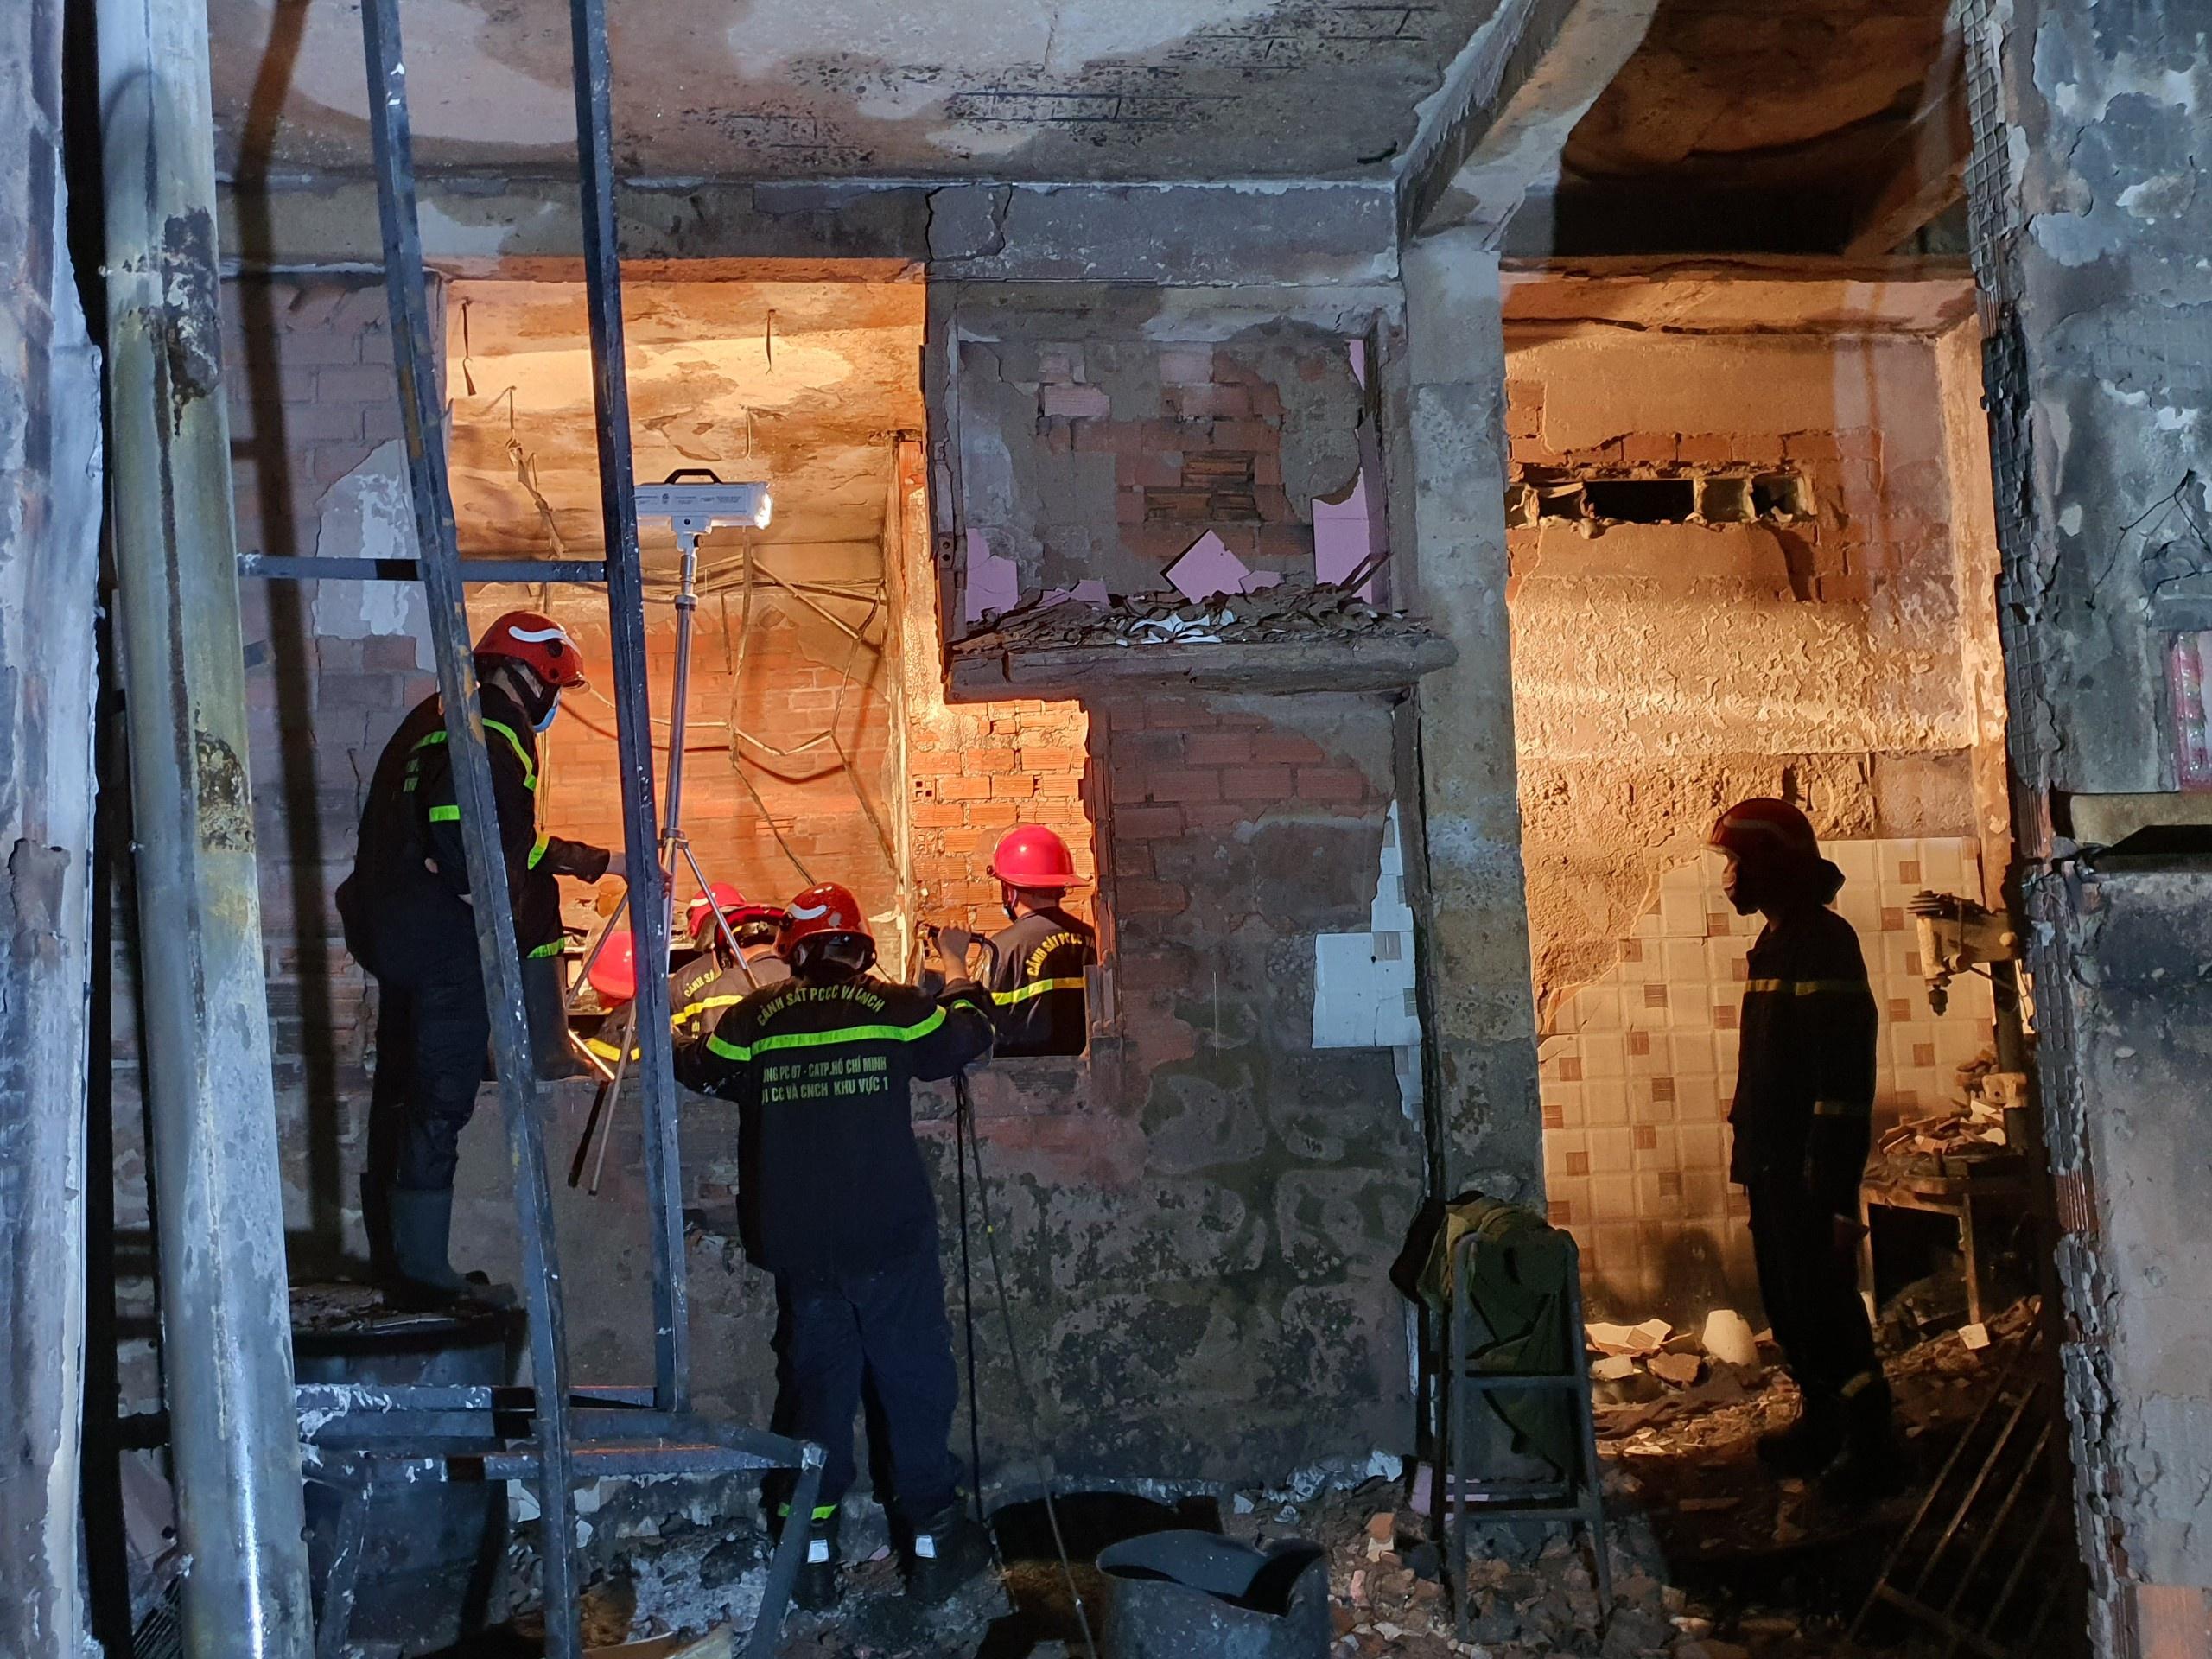 ẢNH-CLIP: Hiện trường bên trong căn nhà cháy làm 8 người chết ở TP.HCM - Ảnh 2.